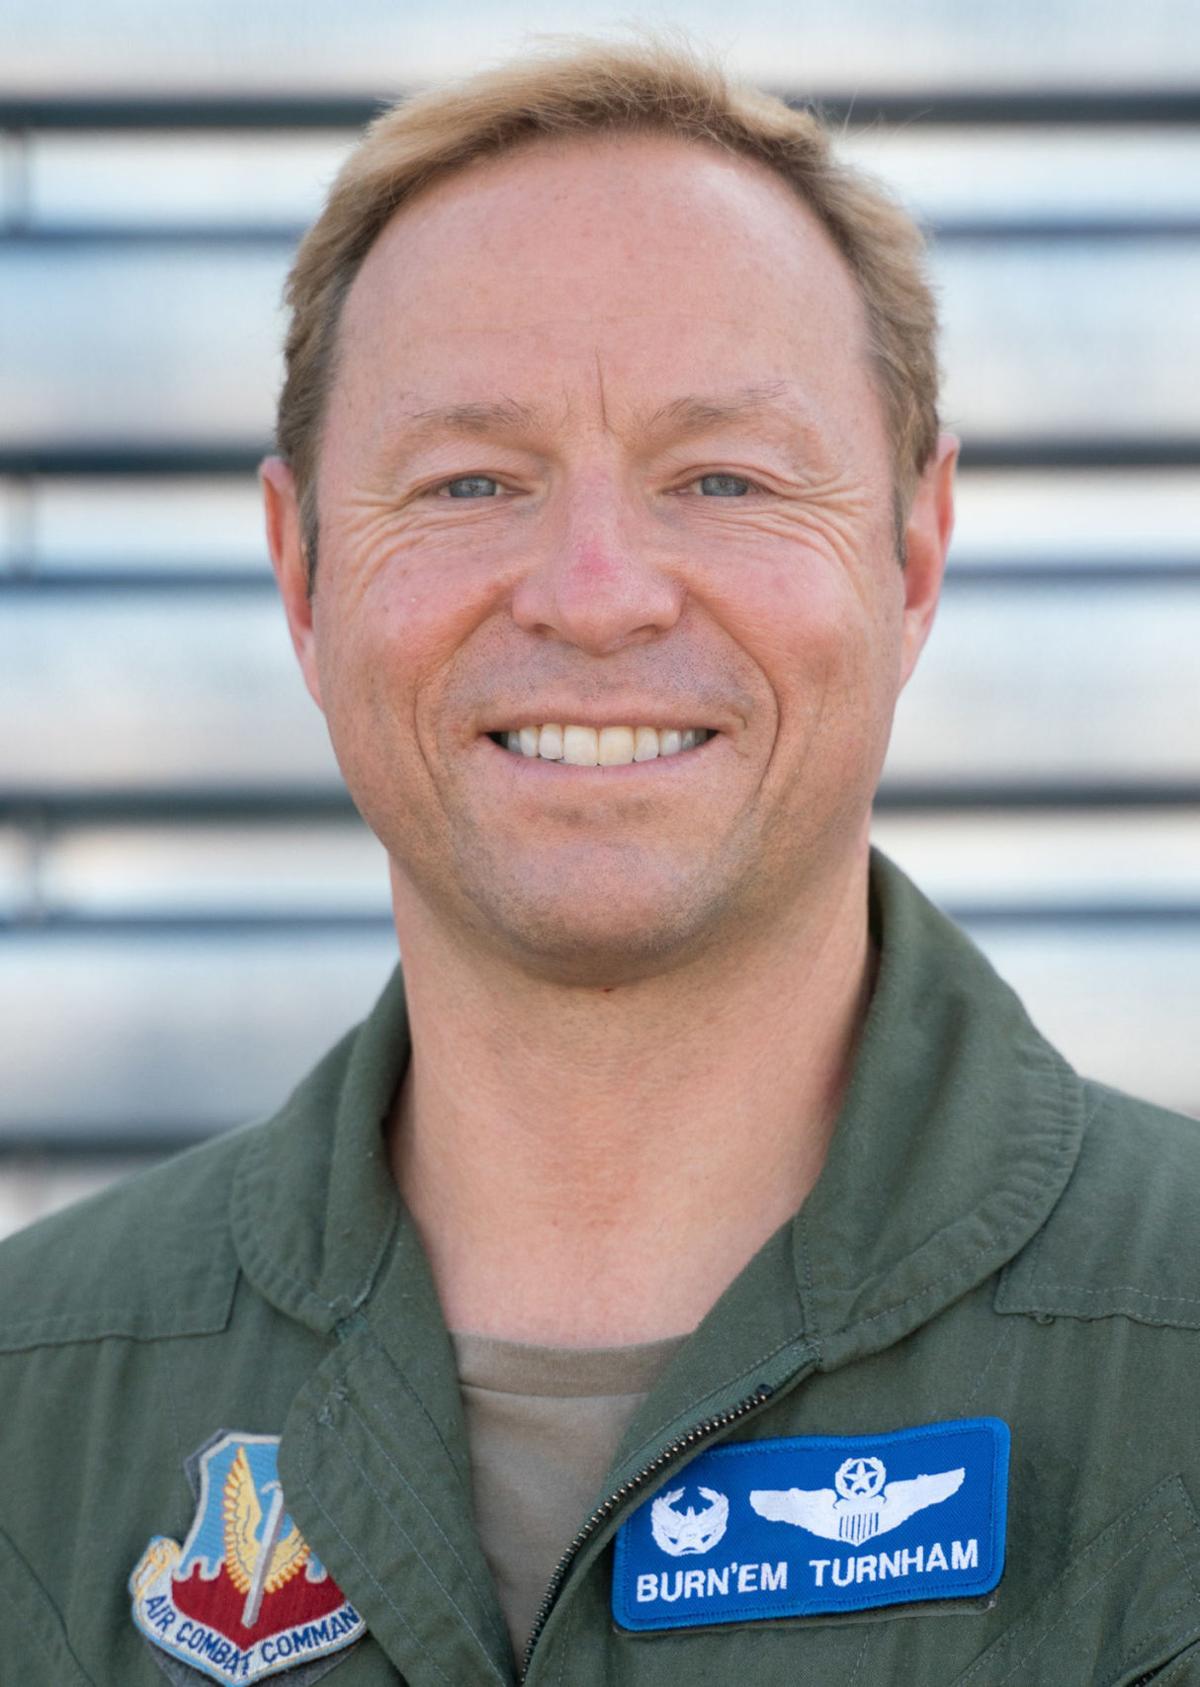 Col. Joseph Turnham